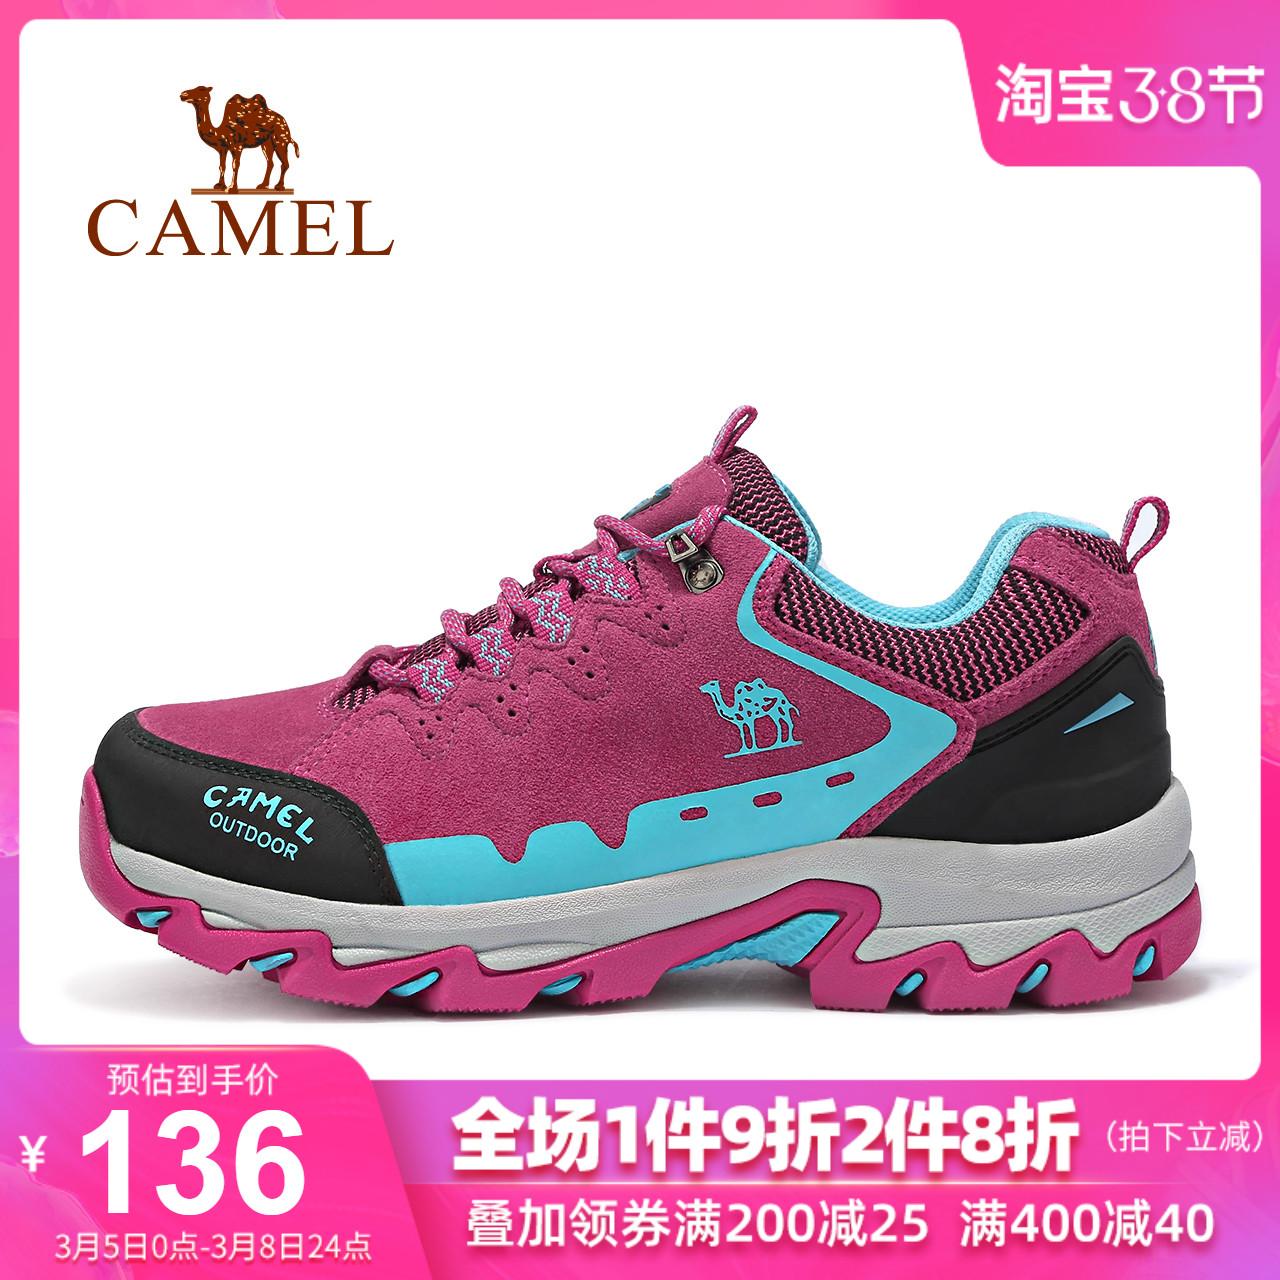 骆驼女鞋camel女士户外徒步登山鞋磨砂牛皮真皮越野运动鞋女鞋子